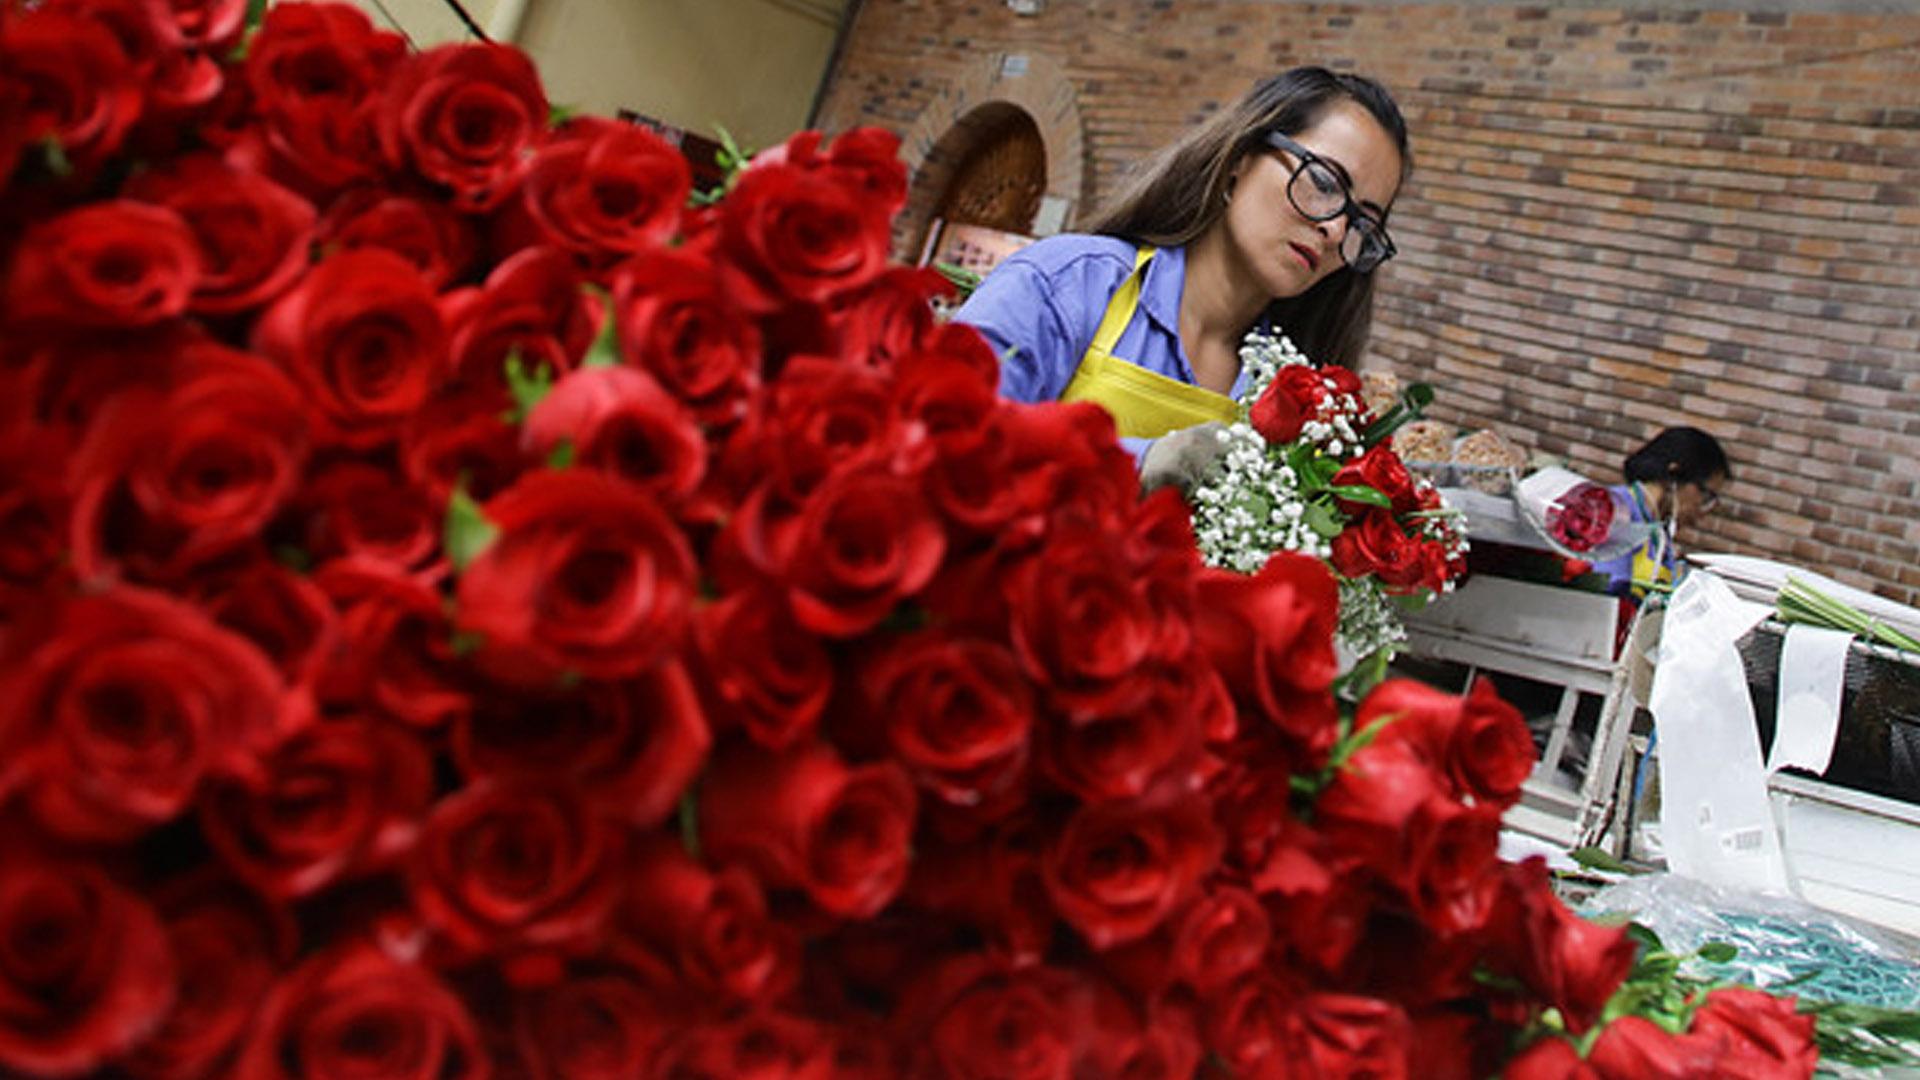 Colombia exportó más de 35.000 toneladas de flores para el día San Valentín